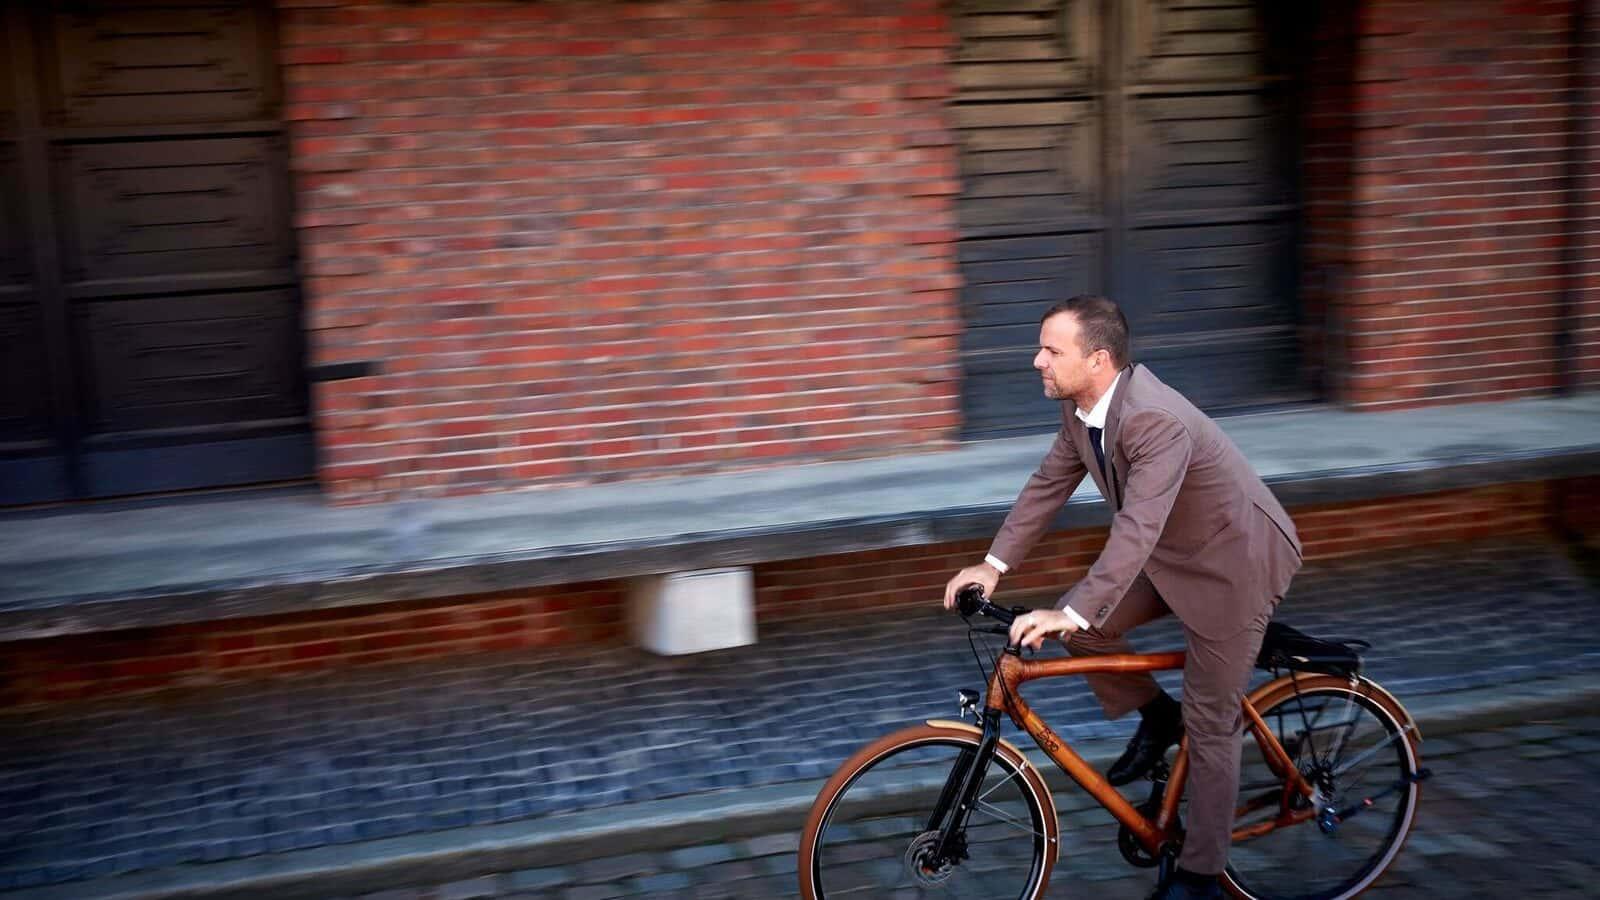 ガーナの若者に未来を運ぶ。竹でできた地球に優しい自転車「my Boo」